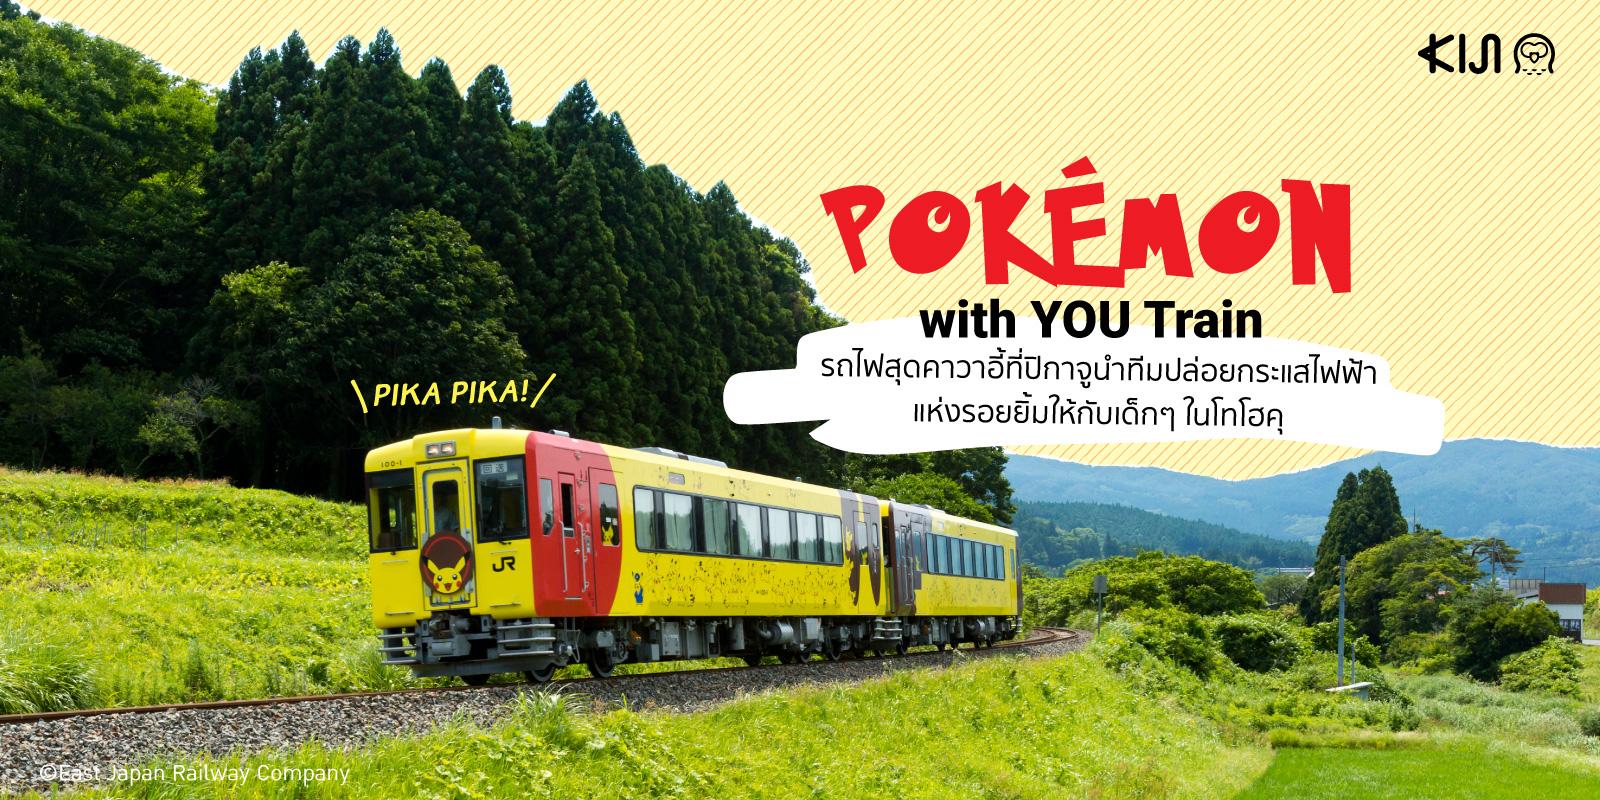 POKÉMON with YOU Train ขบวนรถไฟในโทโฮคุ